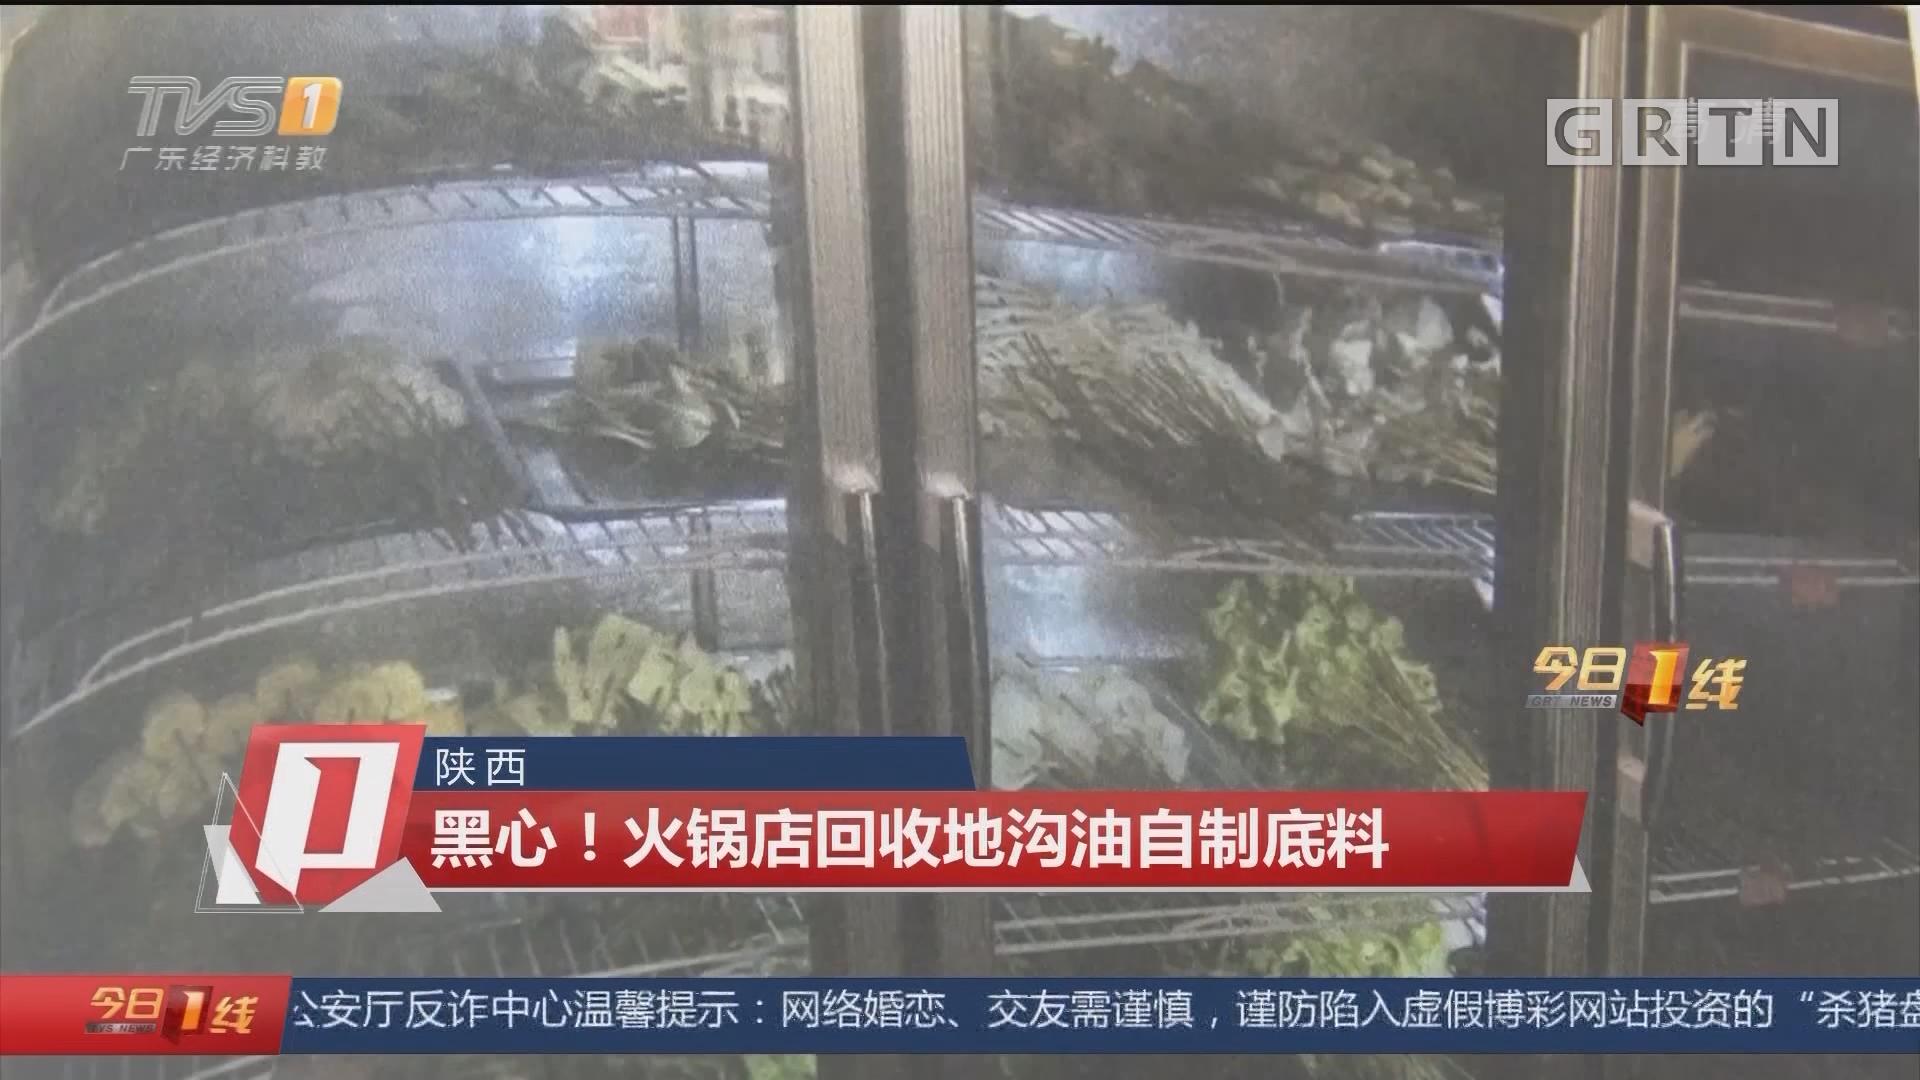 陕西:黑心!火锅店回收地沟油自制底料